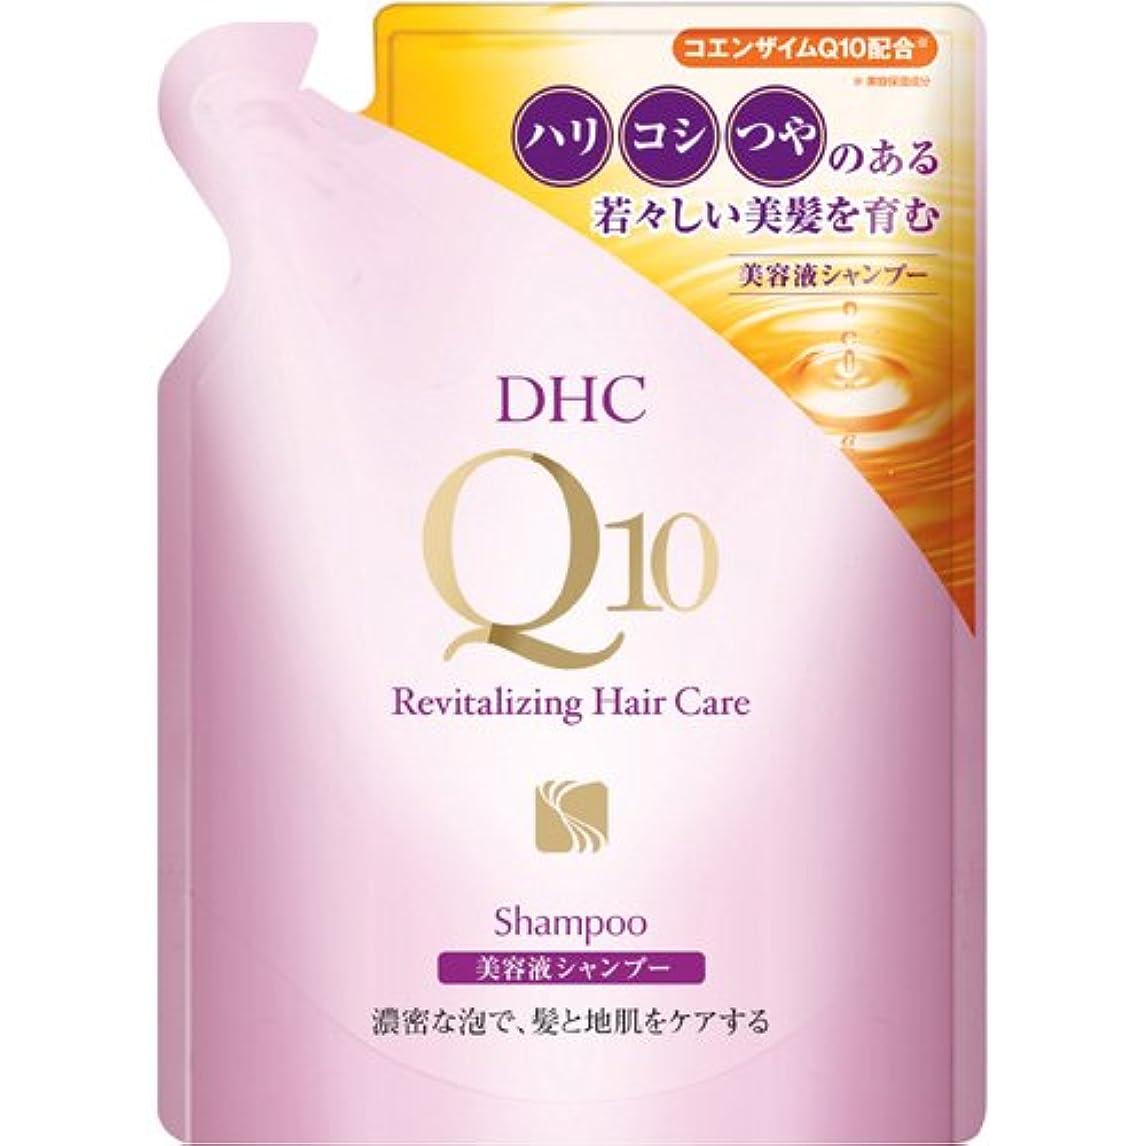 コメント隣人代わりにDHC Q10美容液 シャンプー 詰め替え用 (SS) 240ml